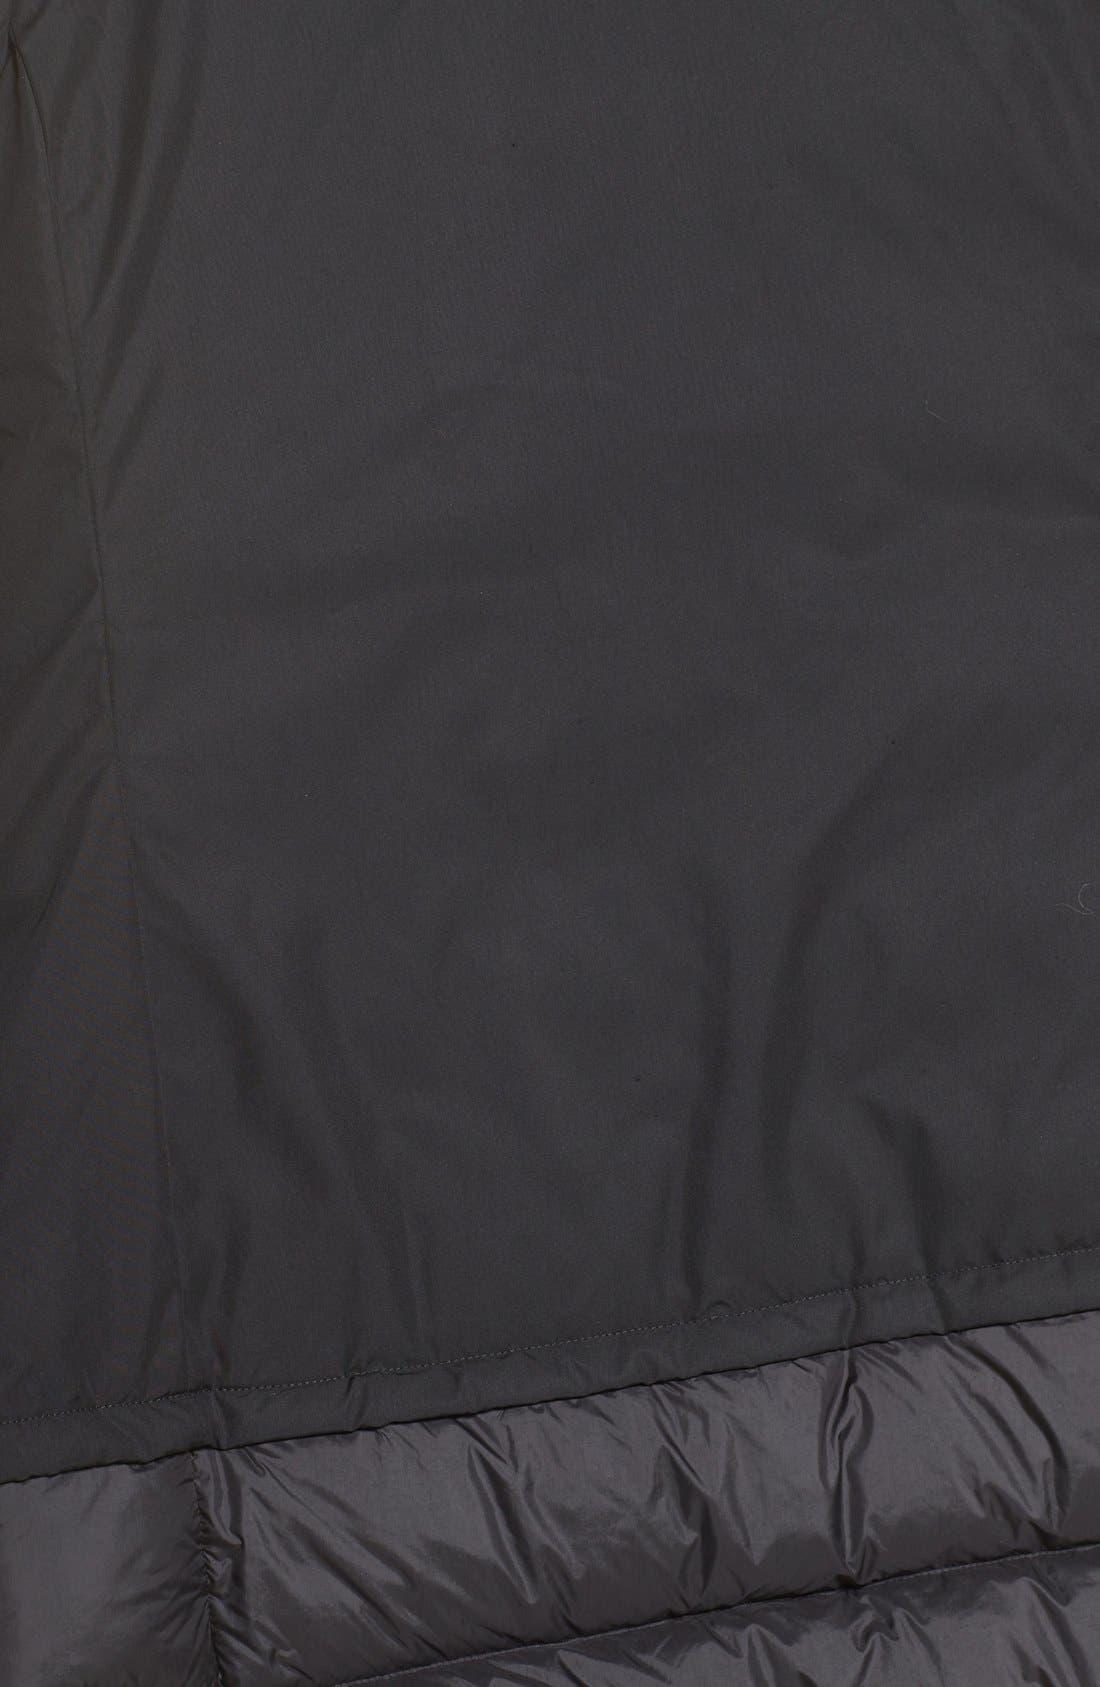 Tuvu Water Repellent Parka with Faux Fur Trim,                             Alternate thumbnail 6, color,                             Tnf Black